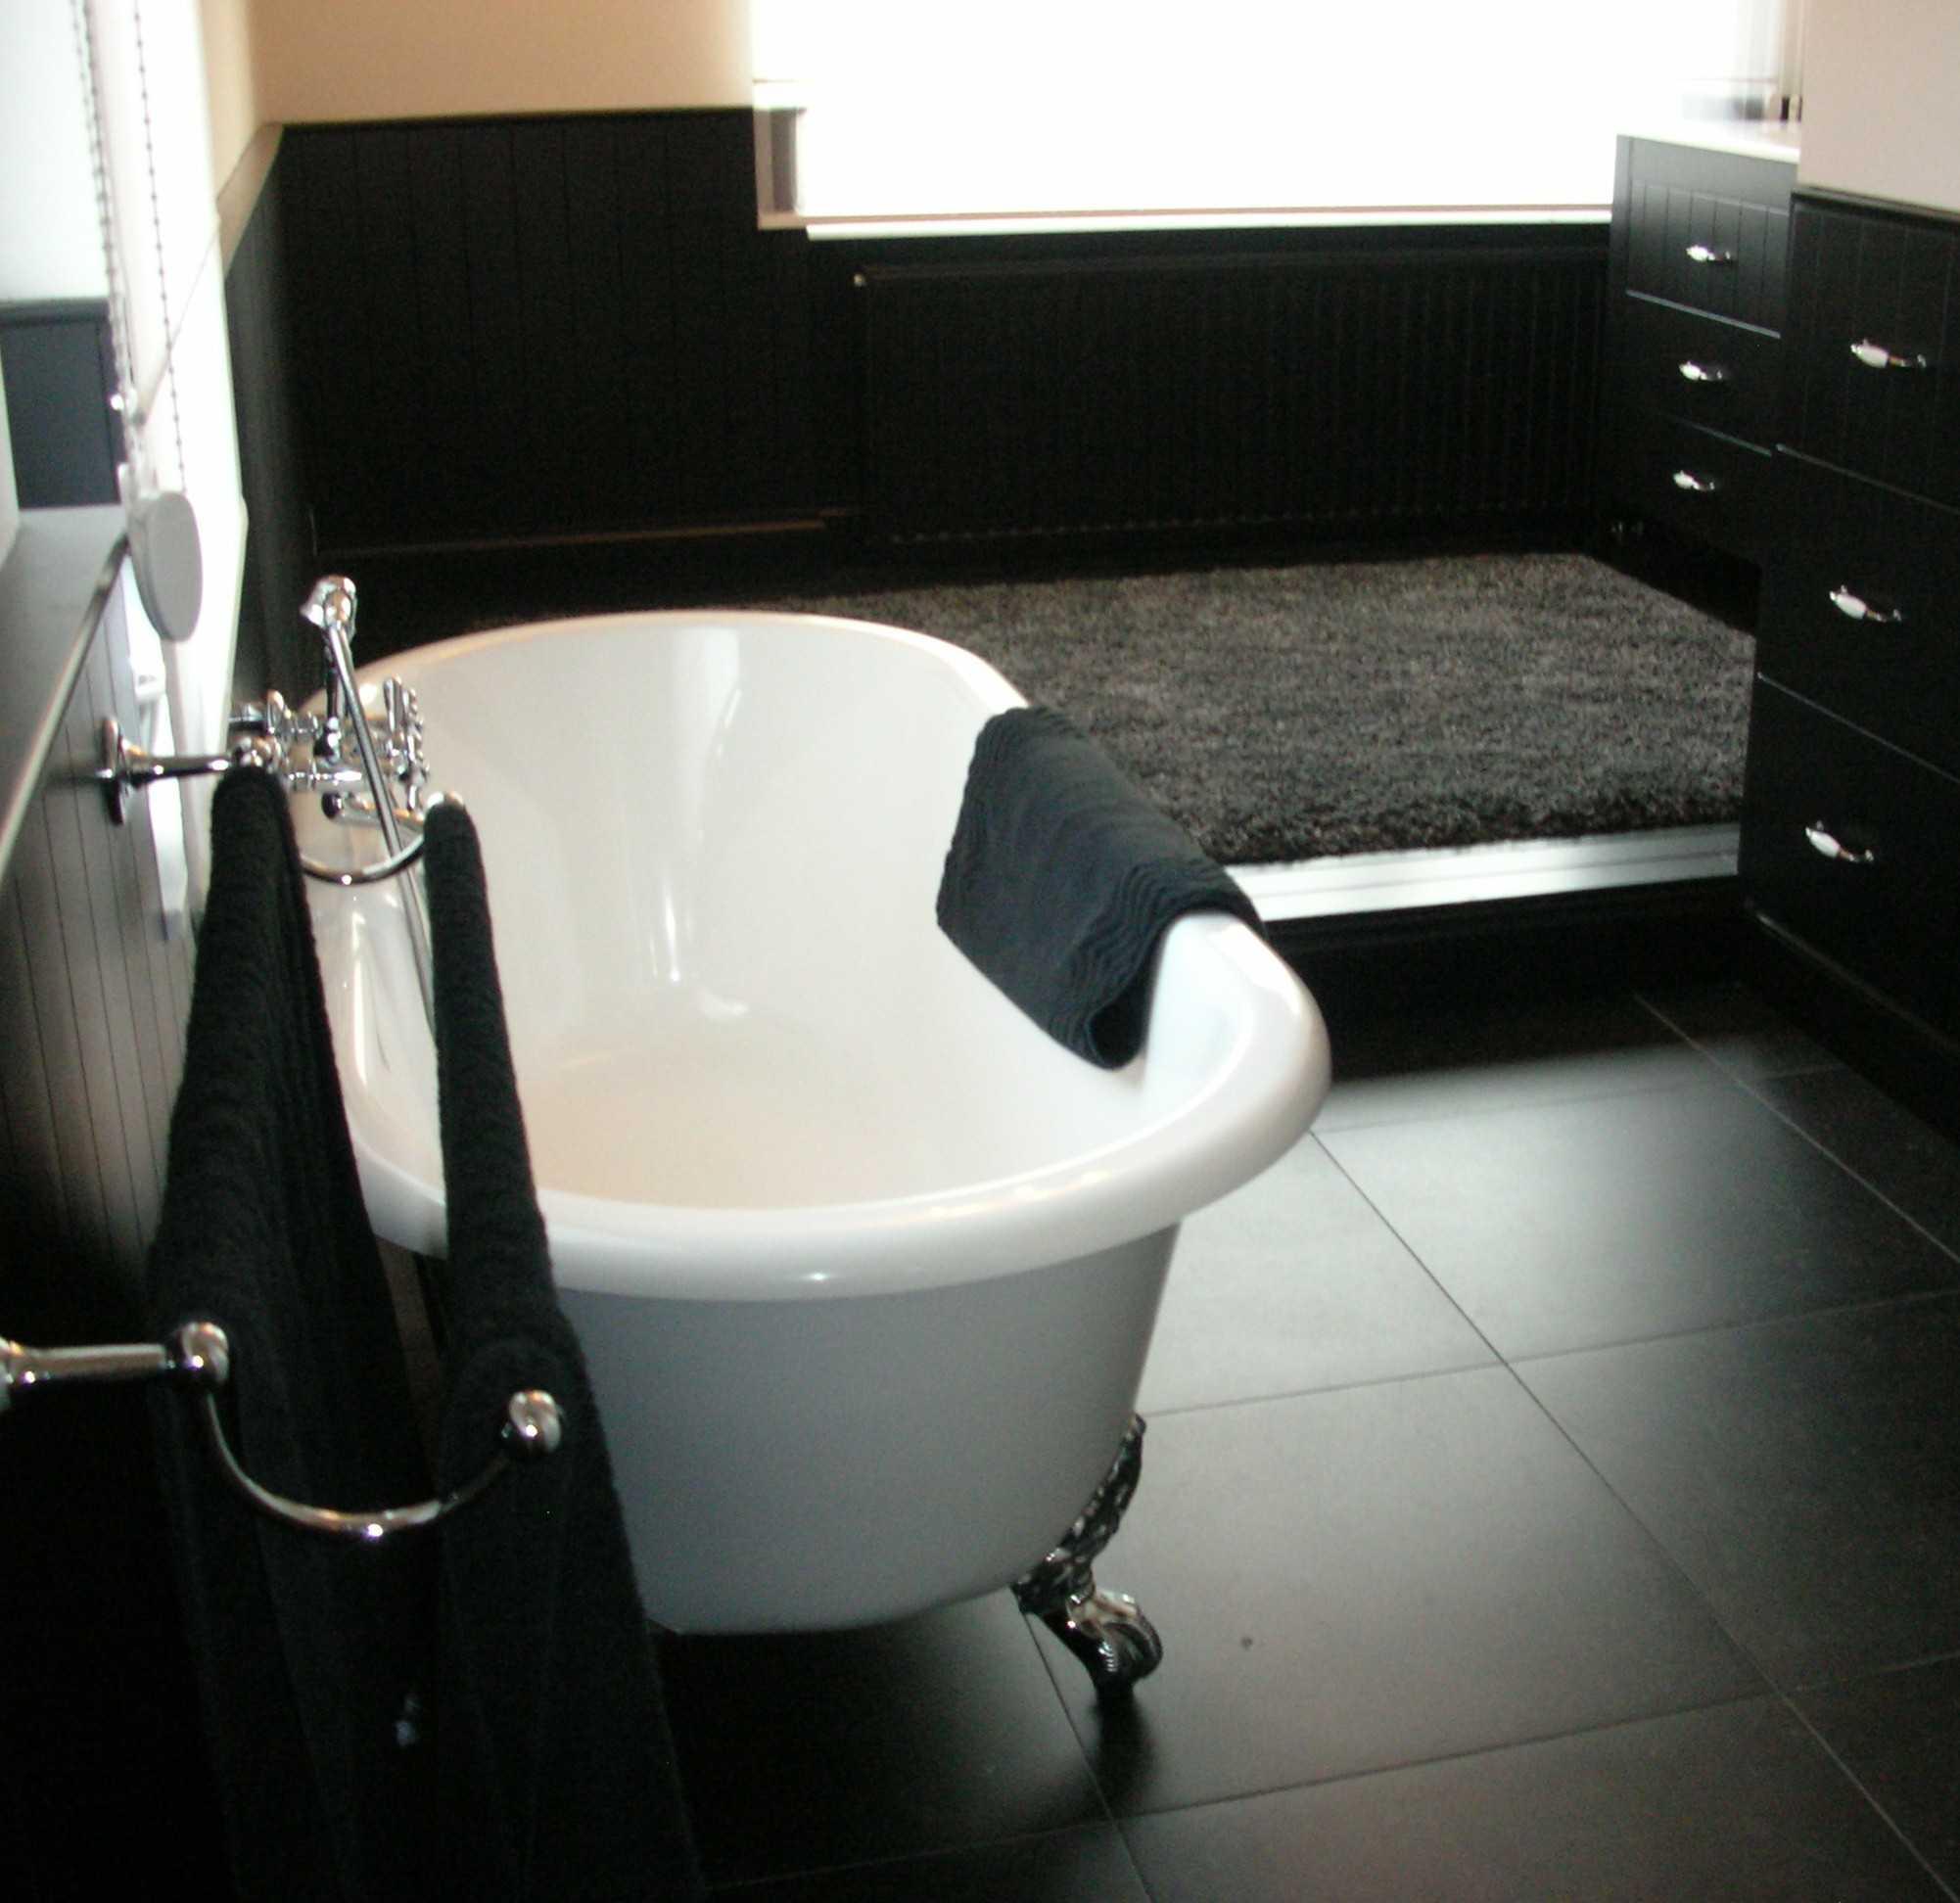 Badkamer in landelijke stijl genk idee m interieurarchitecten limburg - Badkamer in m ...